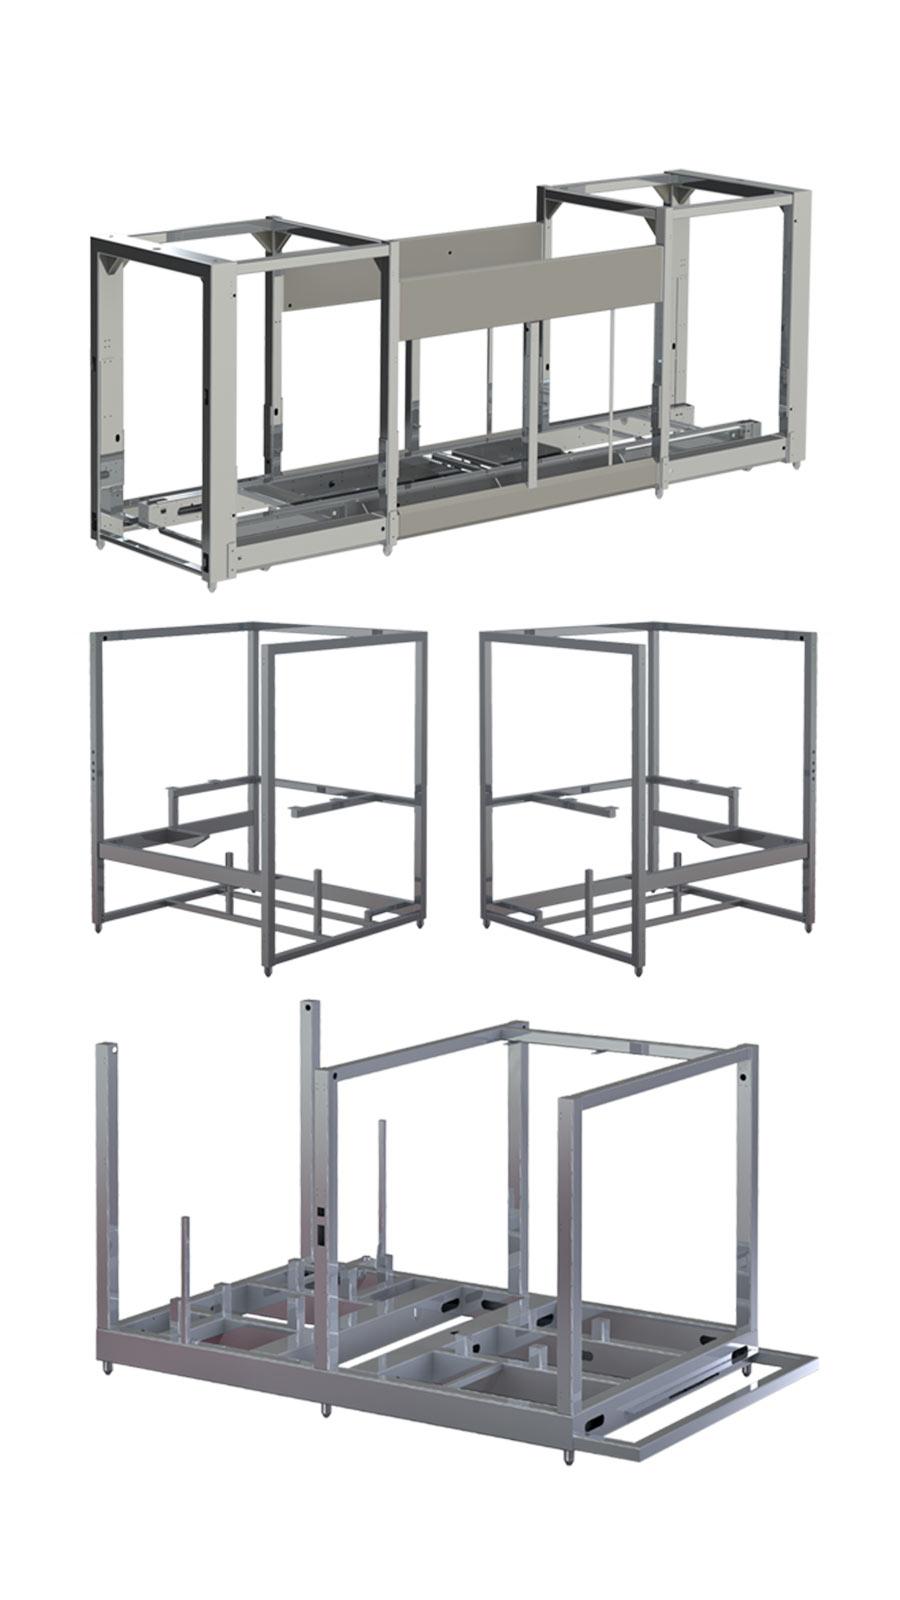 Rahmengestelle (Schweißkonstruktionen)